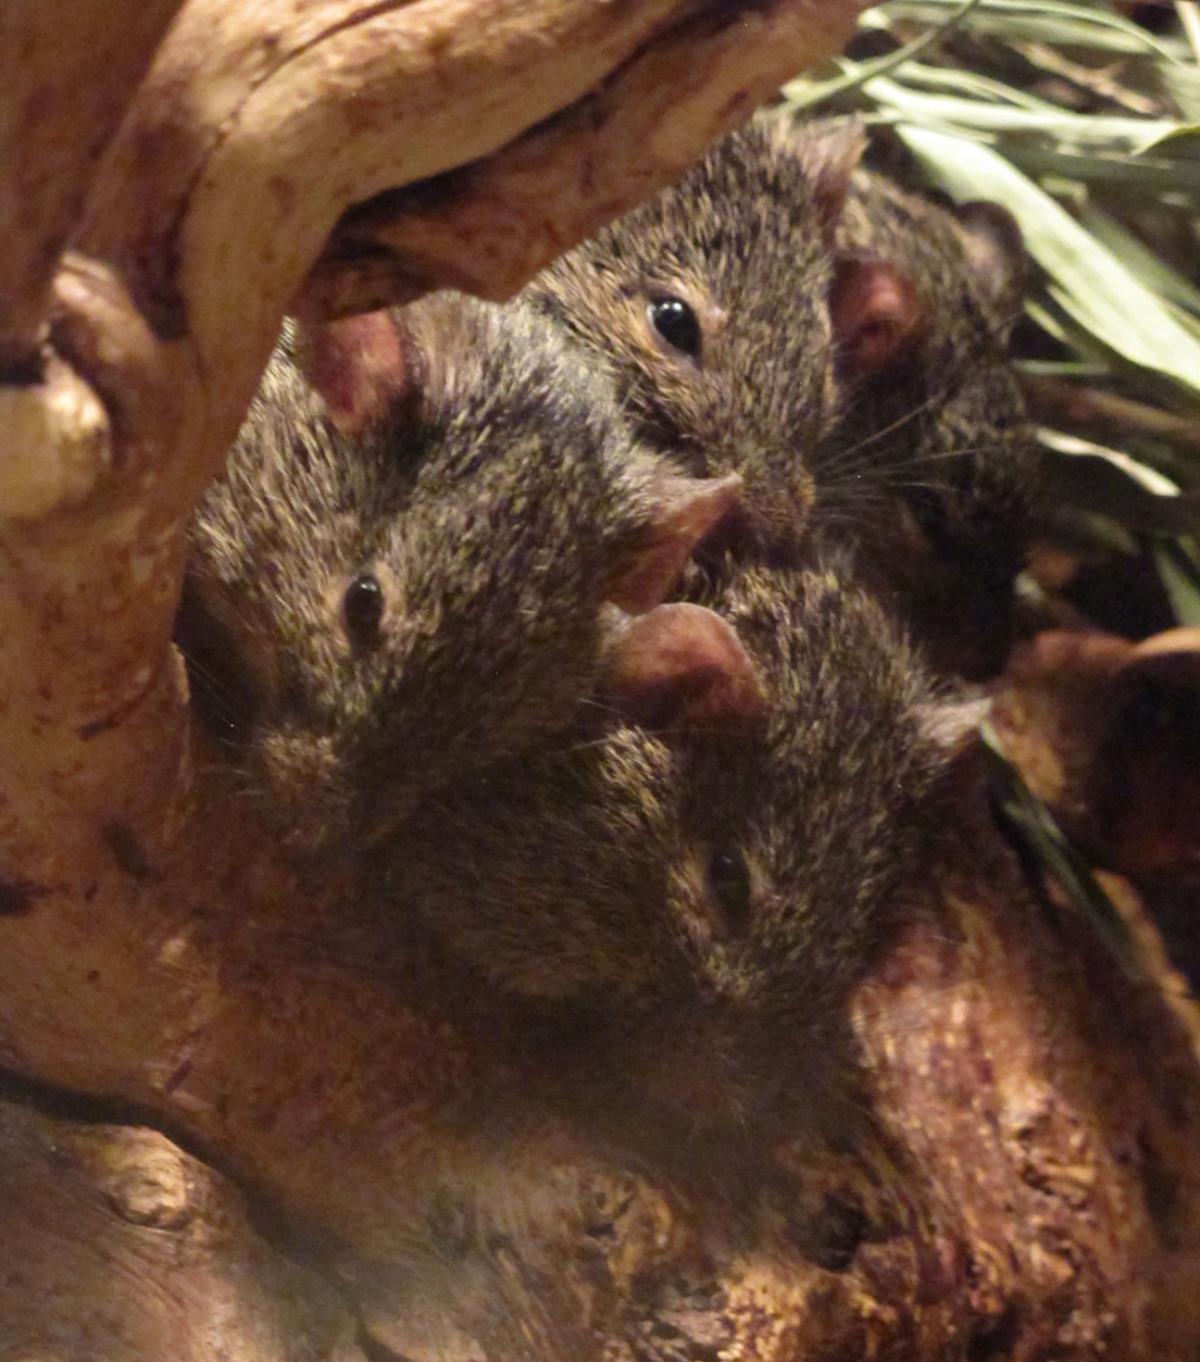 Baby mice in a little cuddling nest